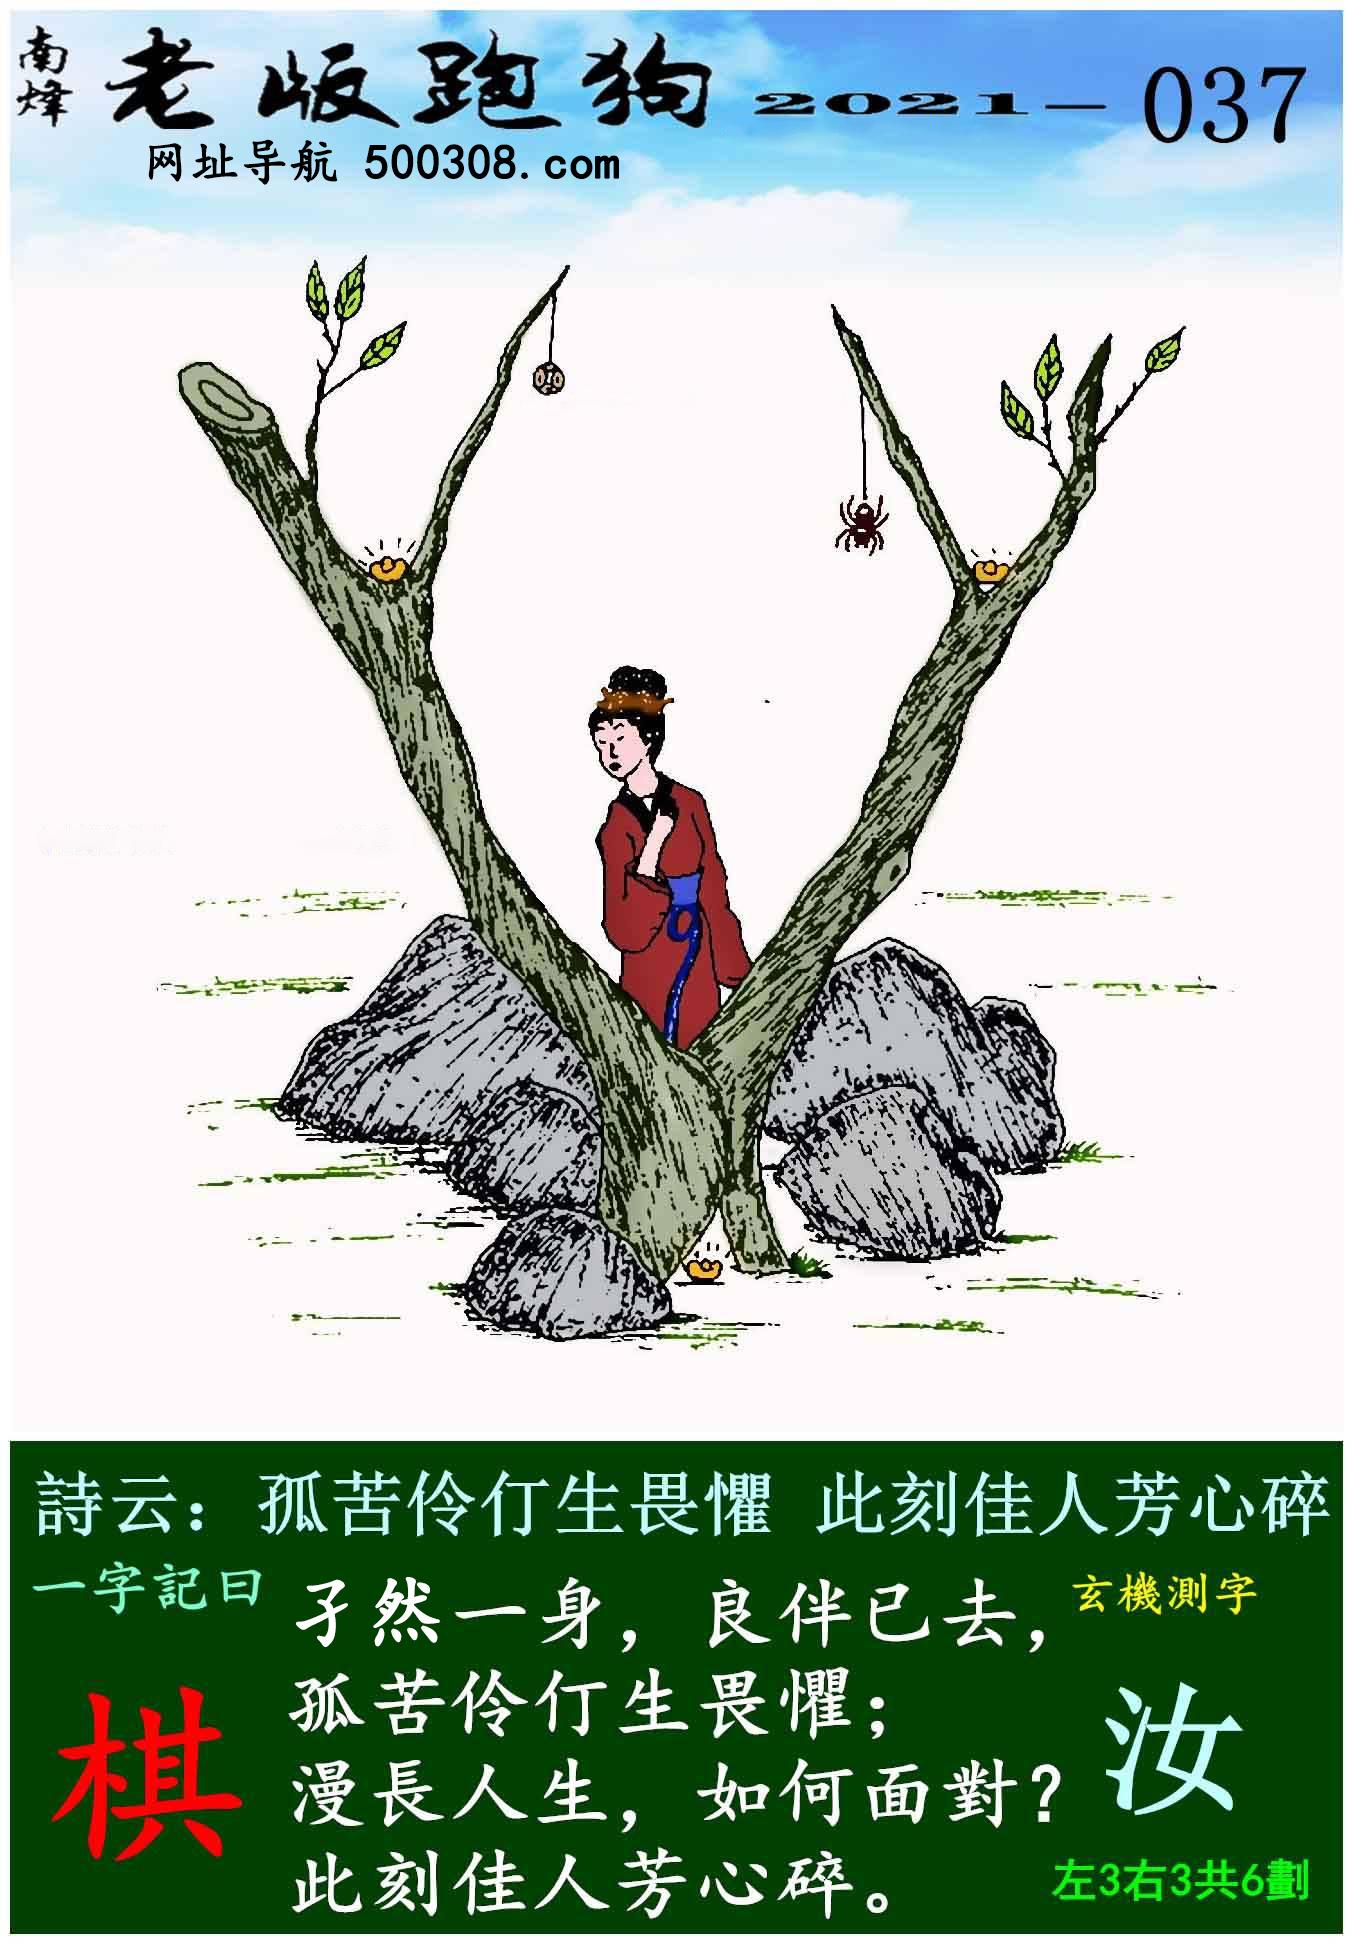 037期老版跑狗一字�之曰:【棋】 ��:孤苦伶仃生畏�郑�此刻佳人芳心碎。